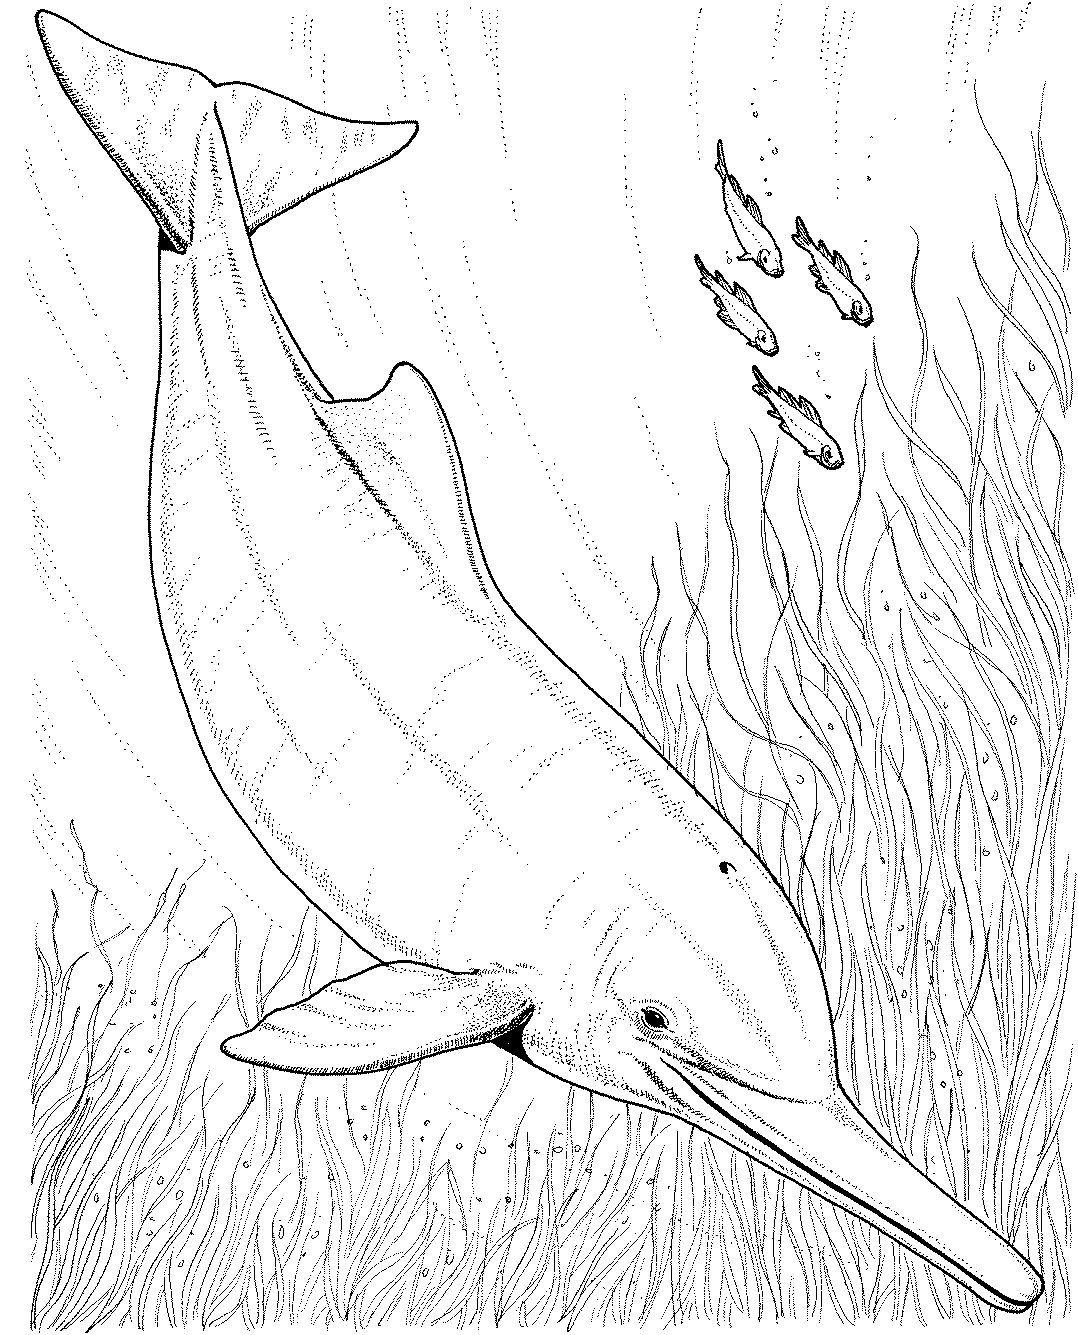 Coloring pages dolphins - Dolphin Coloring Pages For Kids Jpg 1078 1335